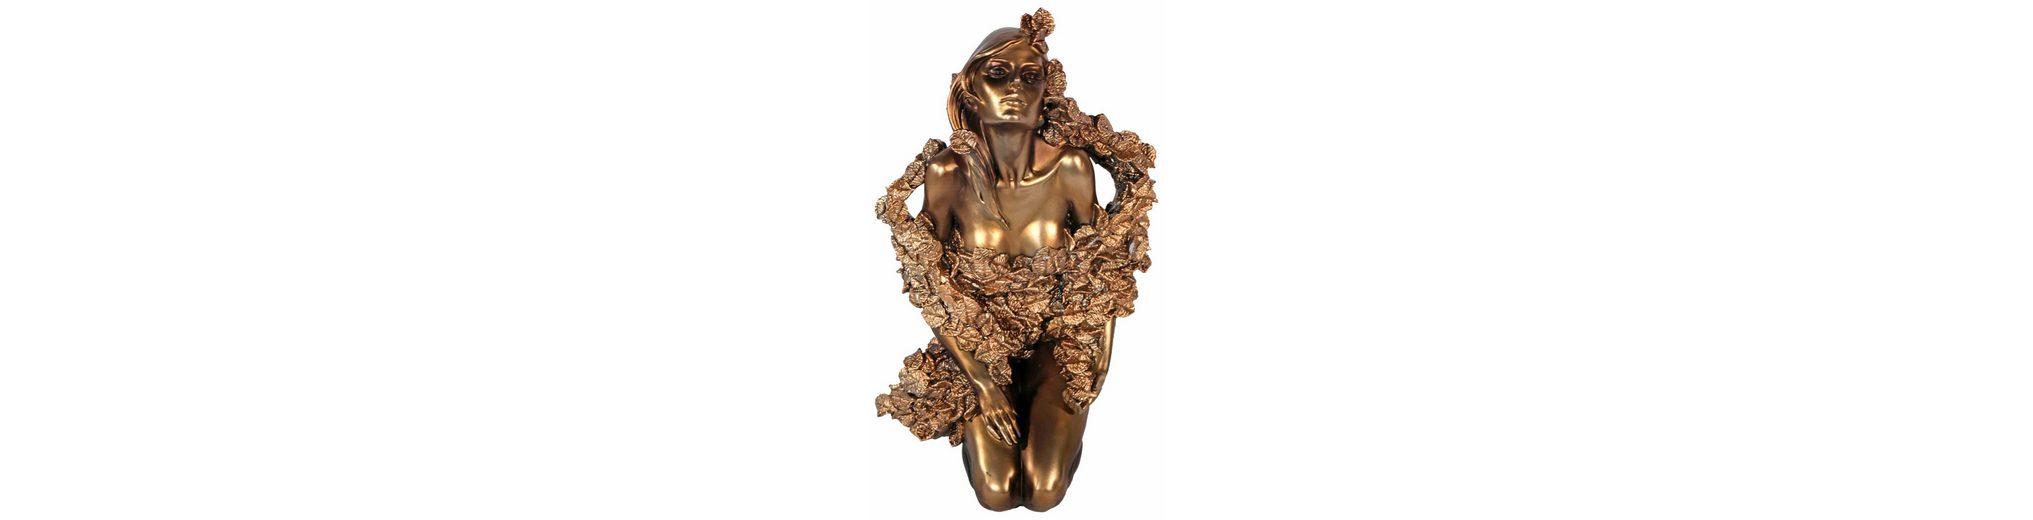 Home affaire Dekofigur »Frauen Skulptur«, kniend